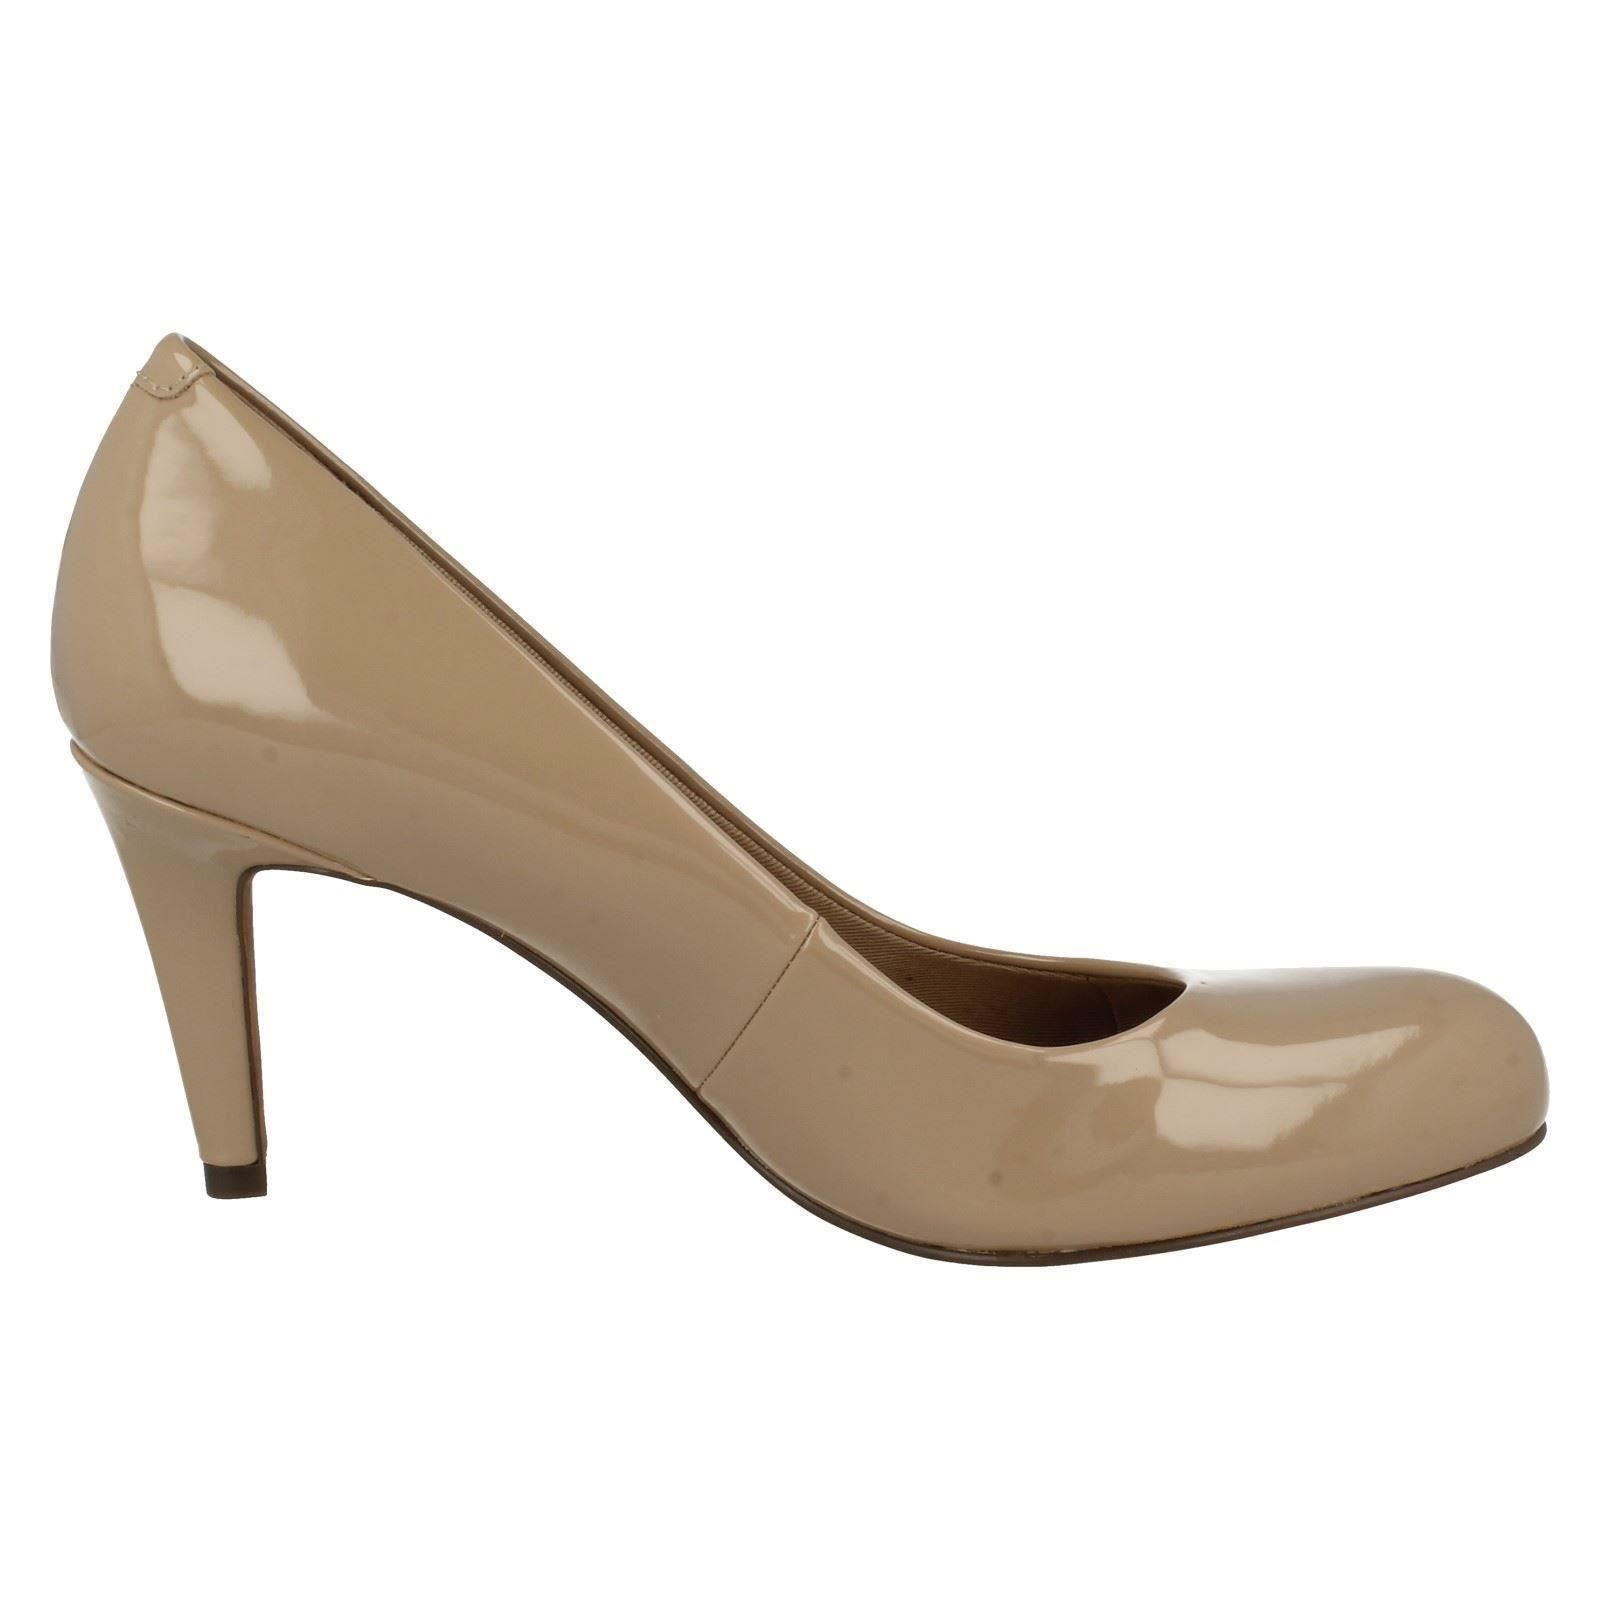 Damas Clarks Zapatos De Tribunal De Zapatos Moda 'Carlita Cove  70339a